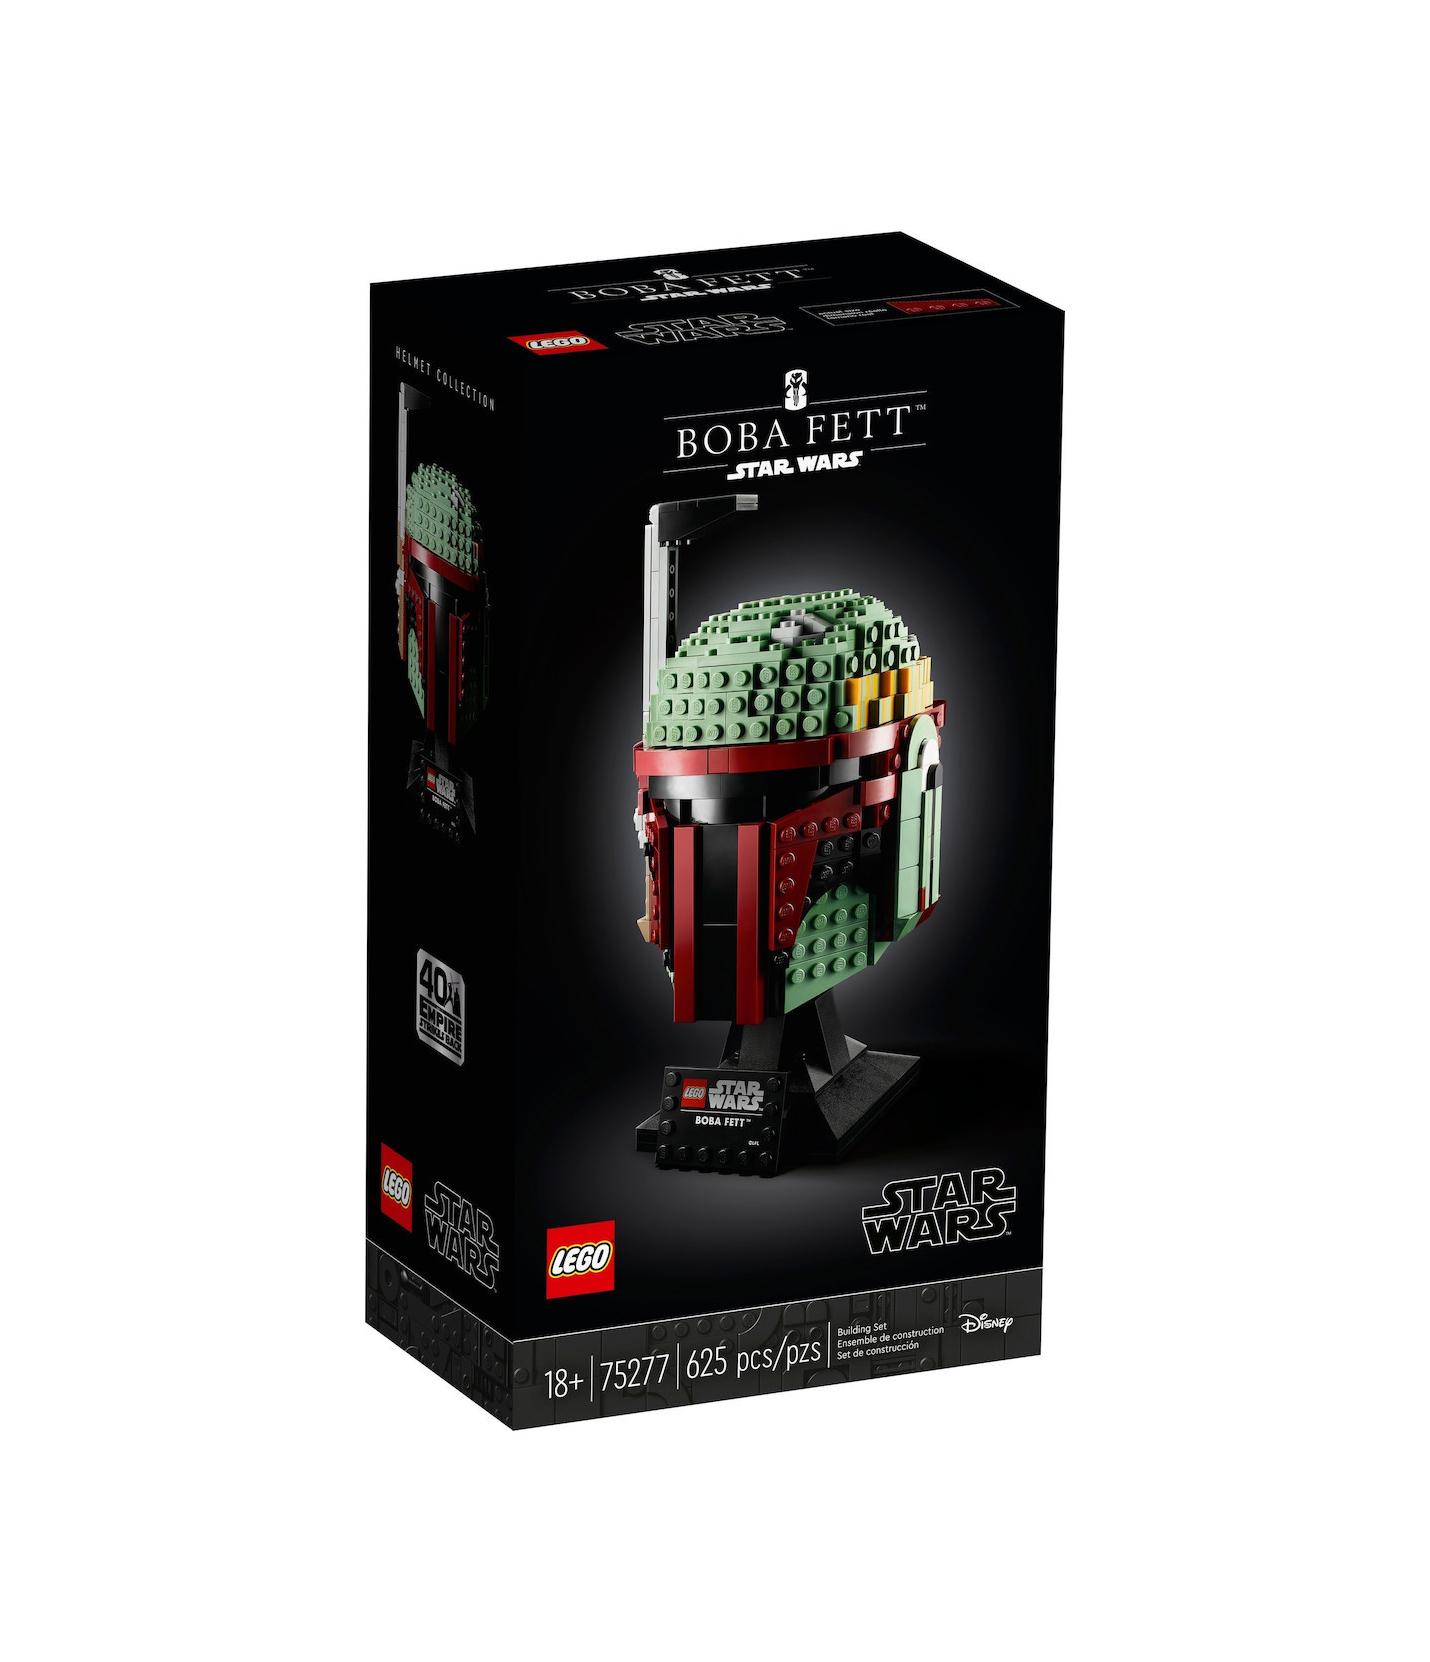 Lego Star Wars: Boba Fett Helmet 75277